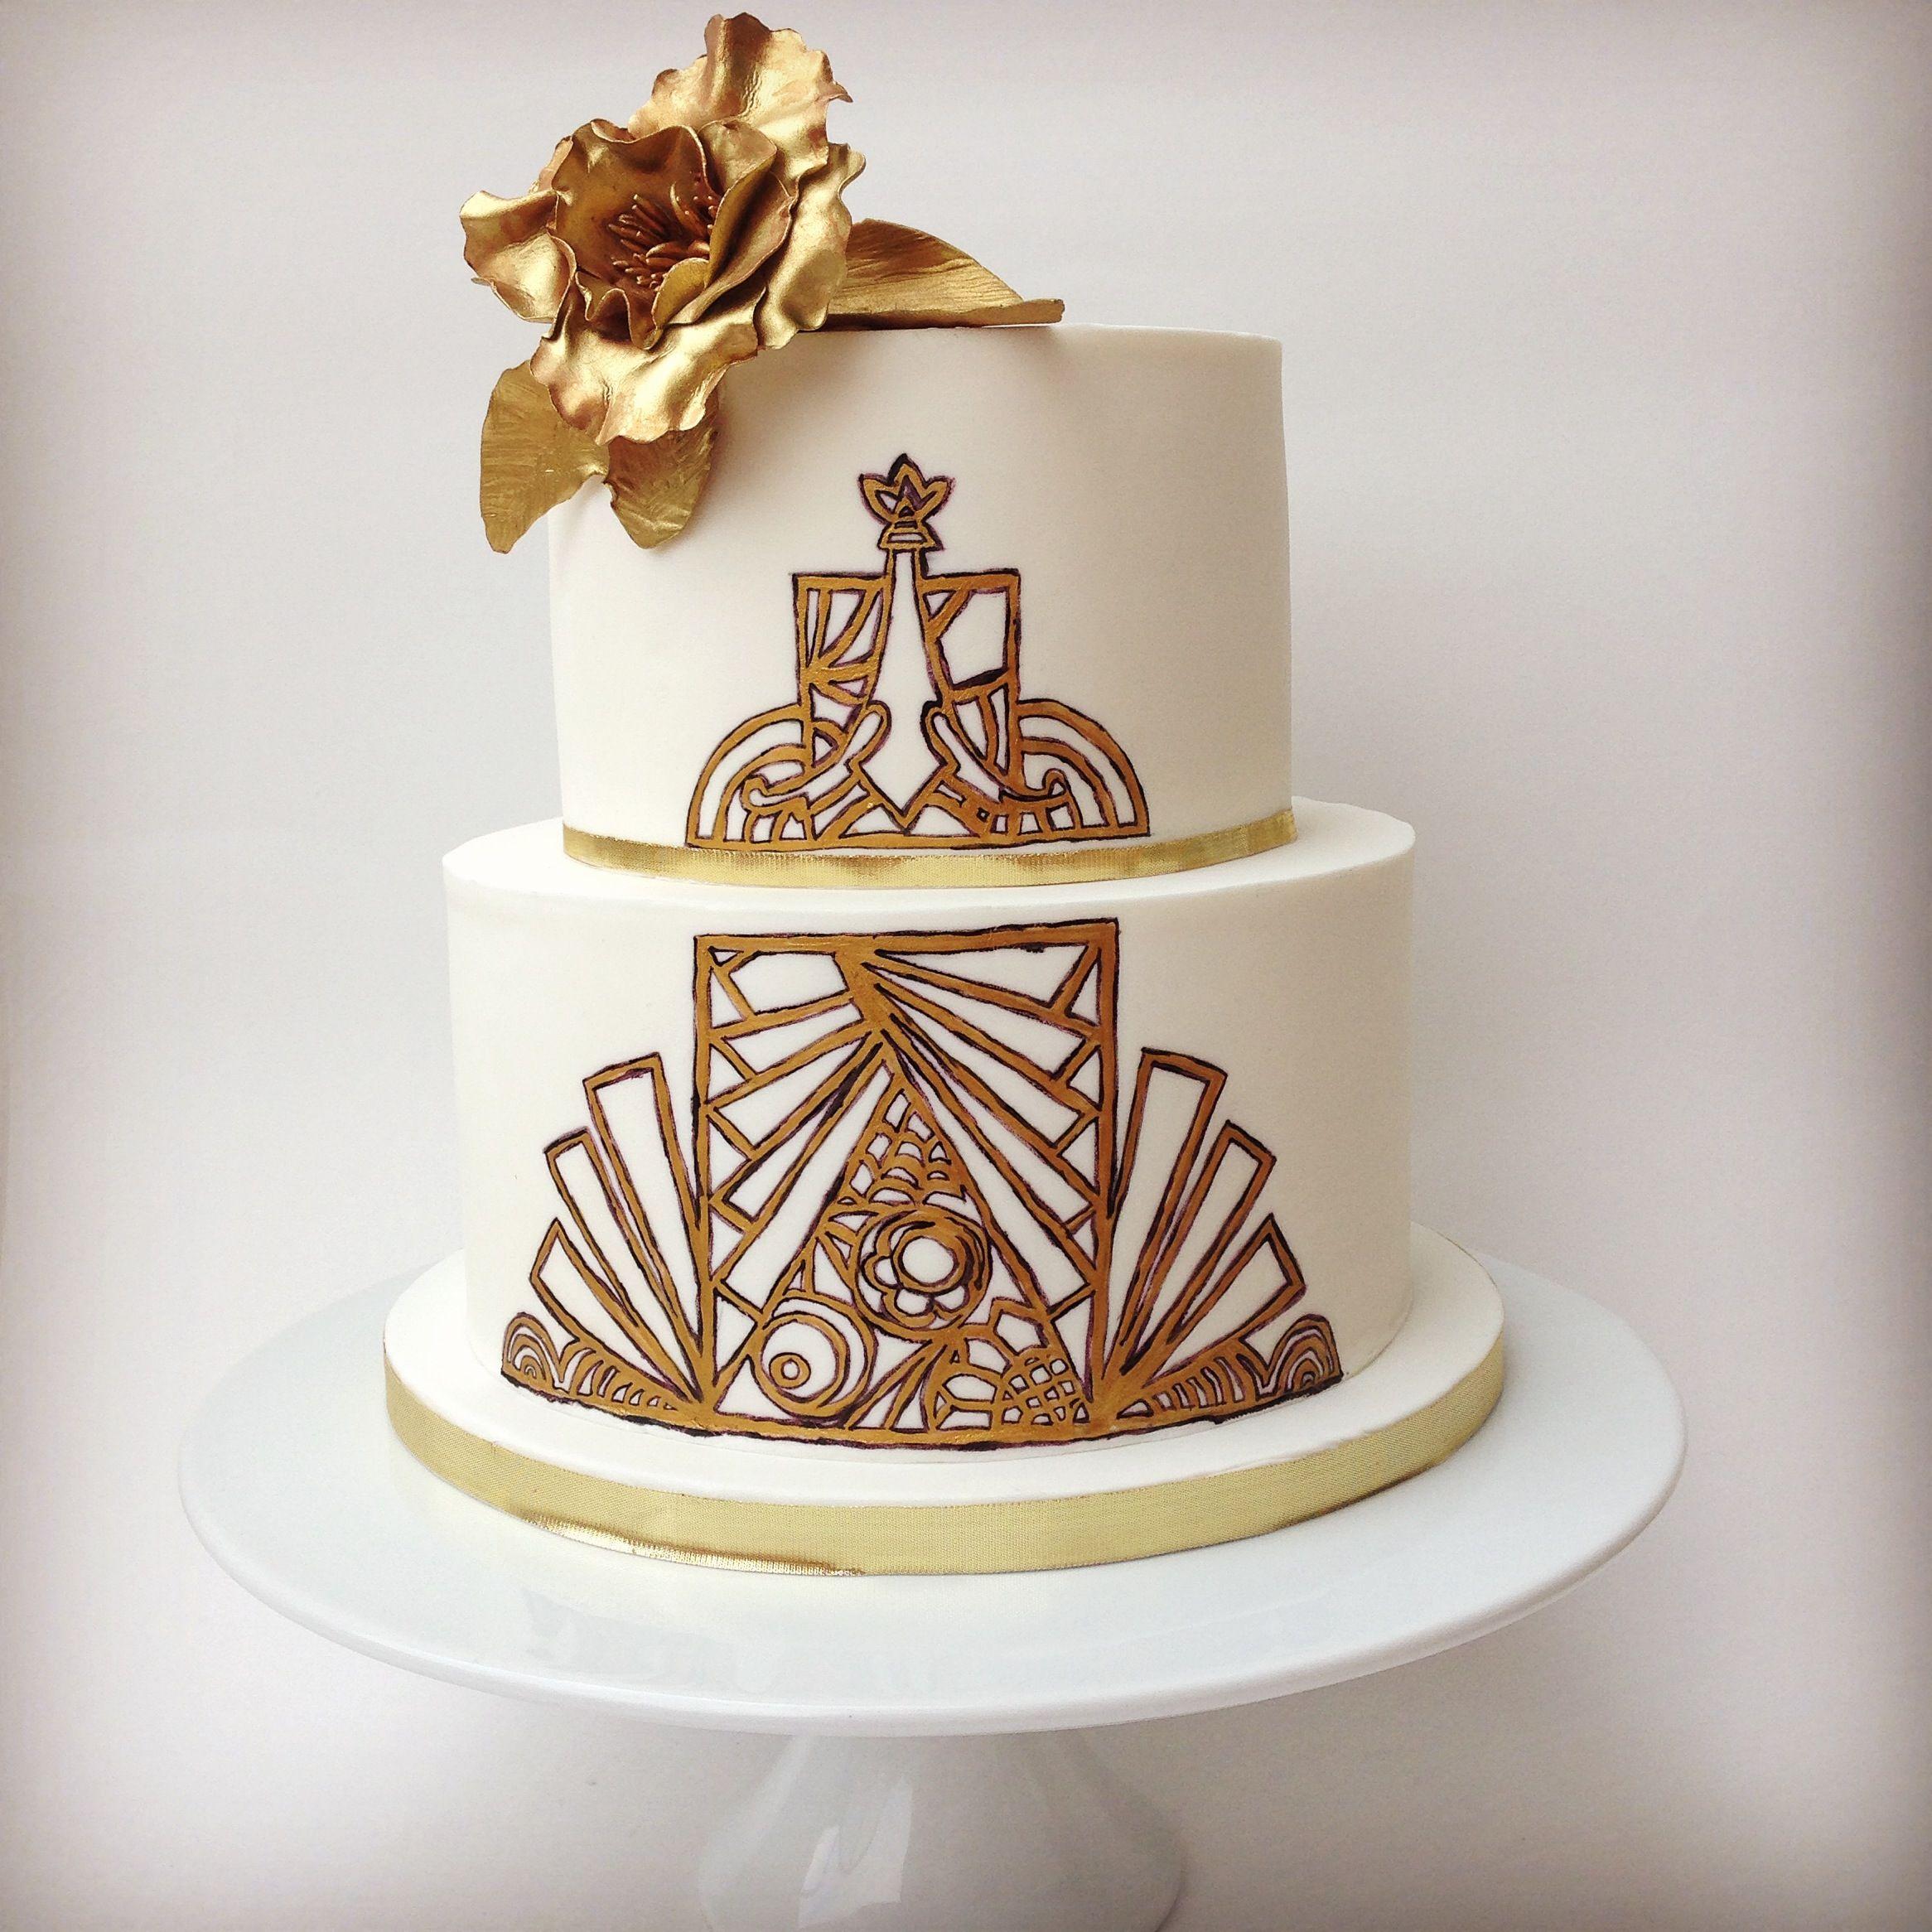 1920 s Great Gatsby wedding cake Cake by Annie